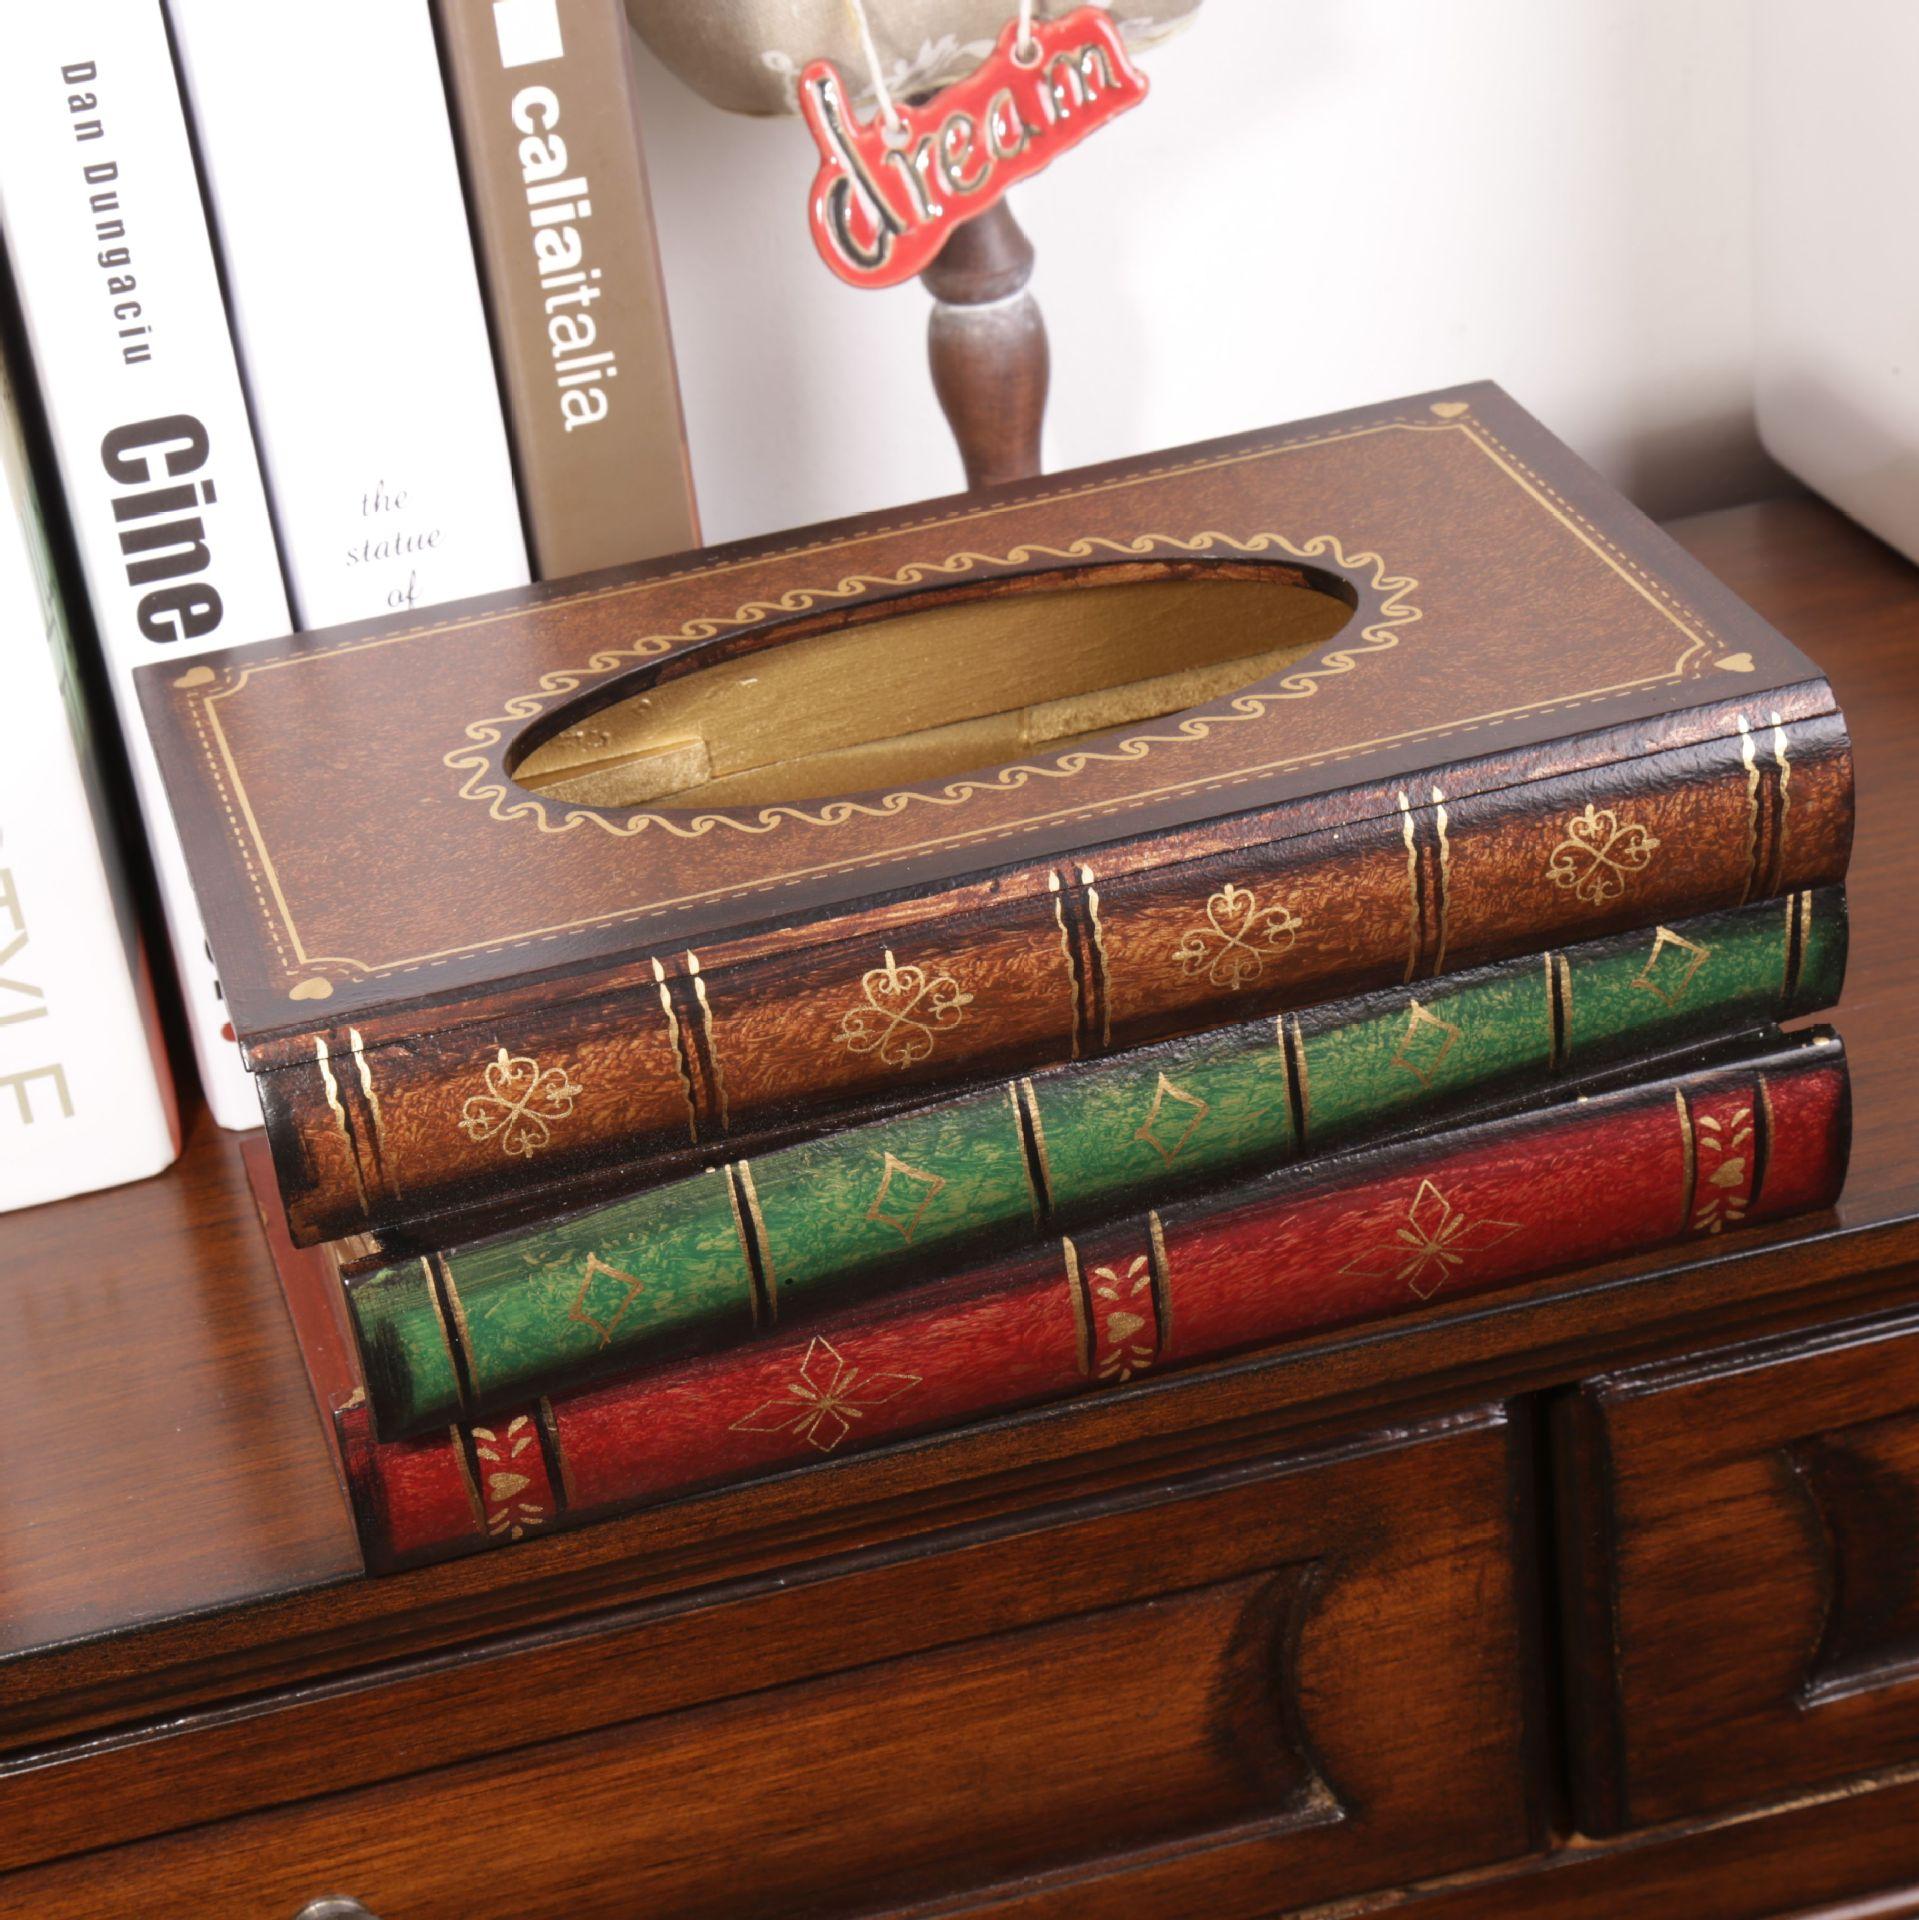 Estilo retro livro forma caixa de tecido madeira criativa quarto sala estar mesa escritório guardanapo decorativo suporte papel